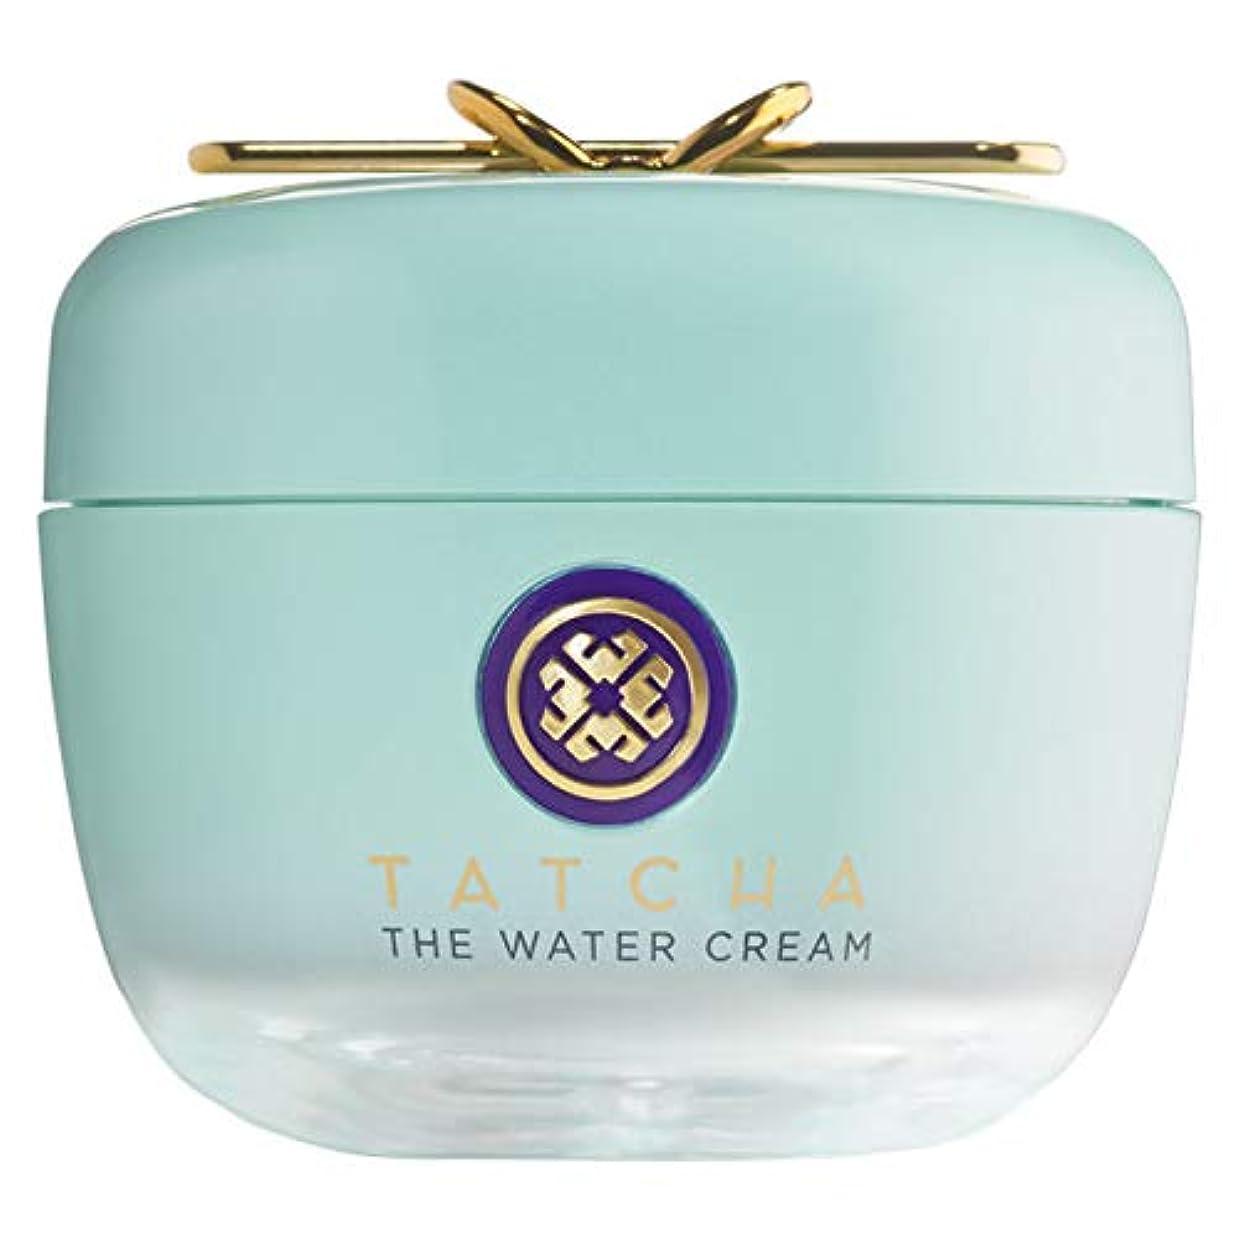 命題開示する立場TATCHA The Water Cream 50ml タチャ ウォータークリーム